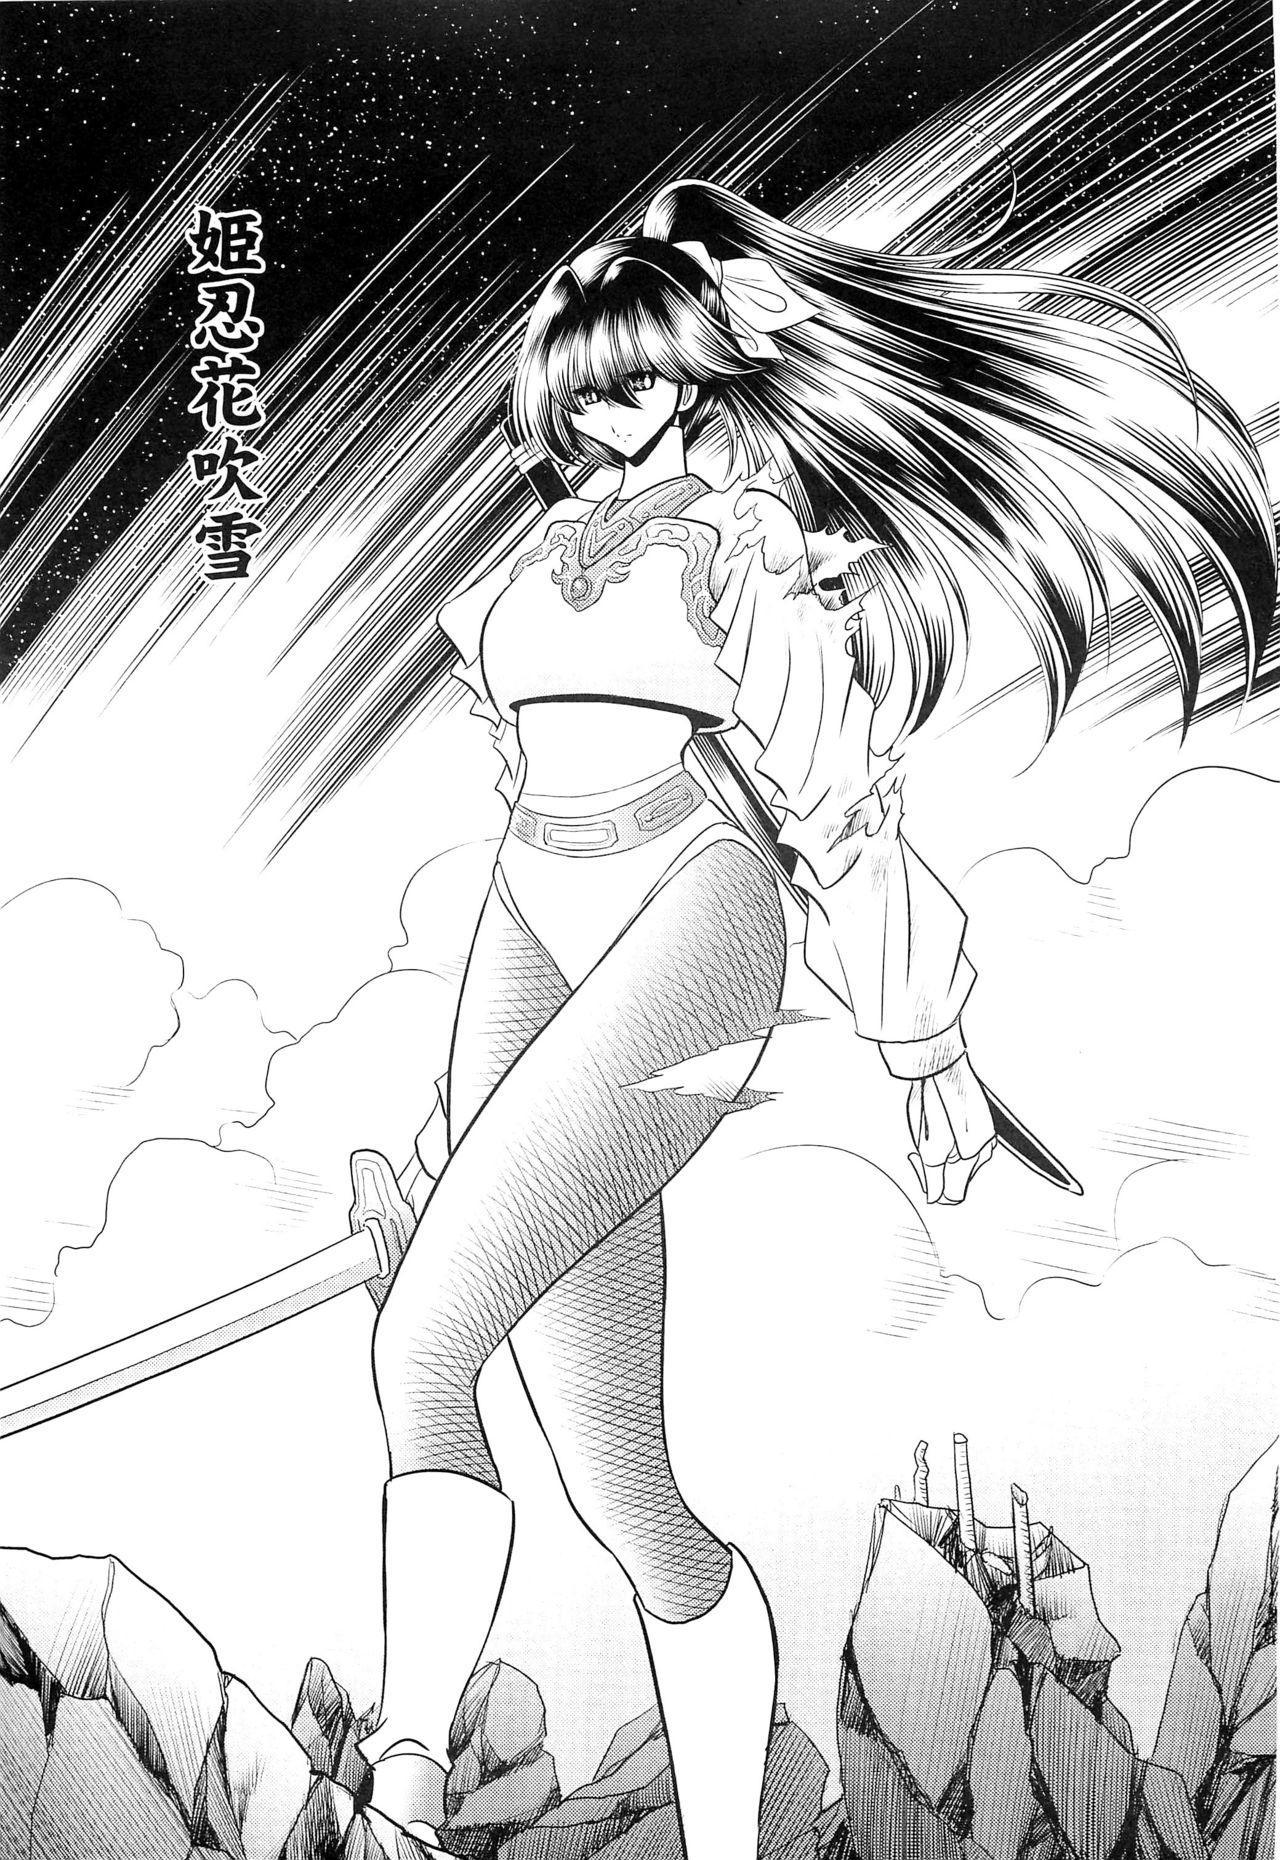 Himenin Hana Fubuki 1